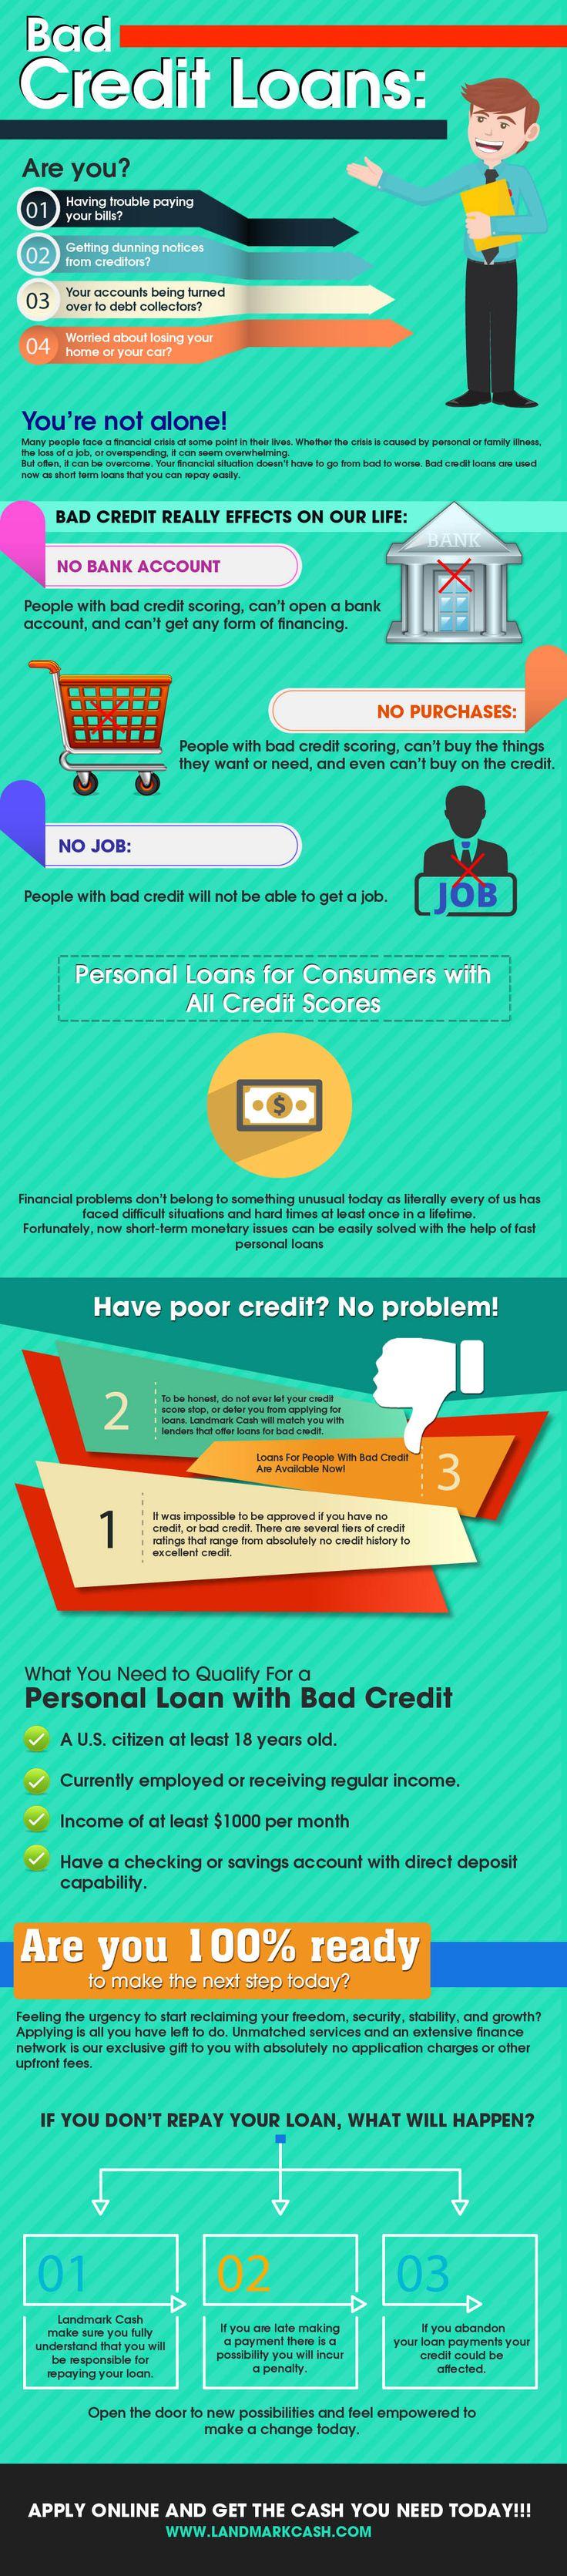 Hard money loans europe image 3